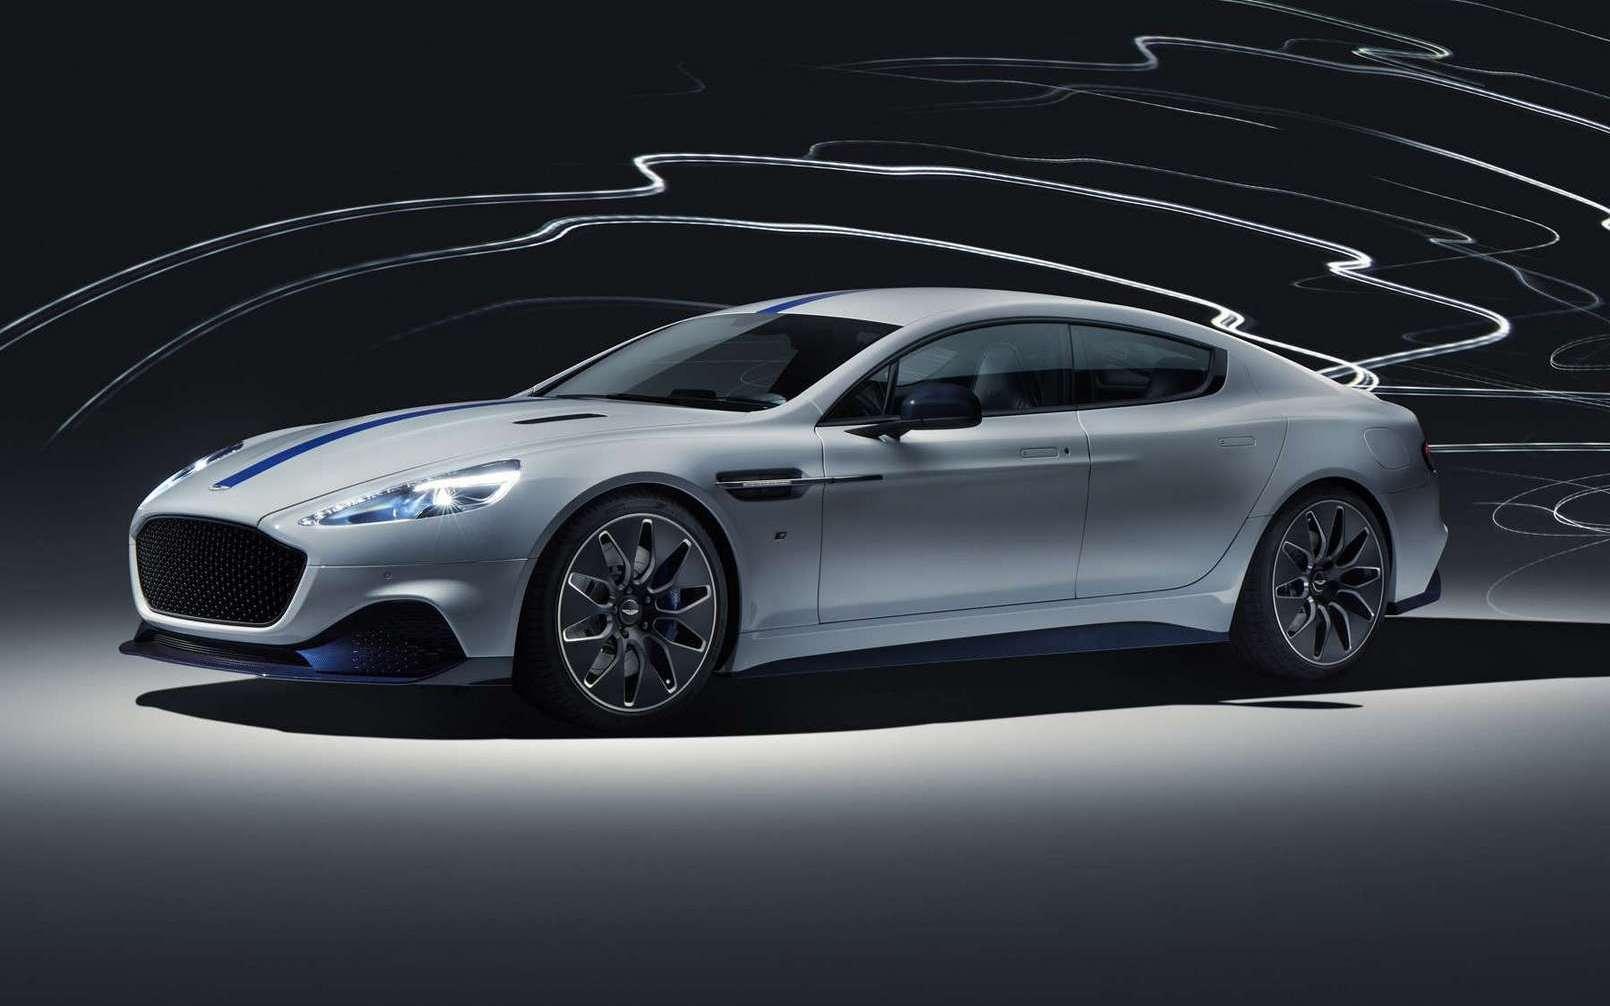 L'Aston Martin Rapide E. © Aston Martin